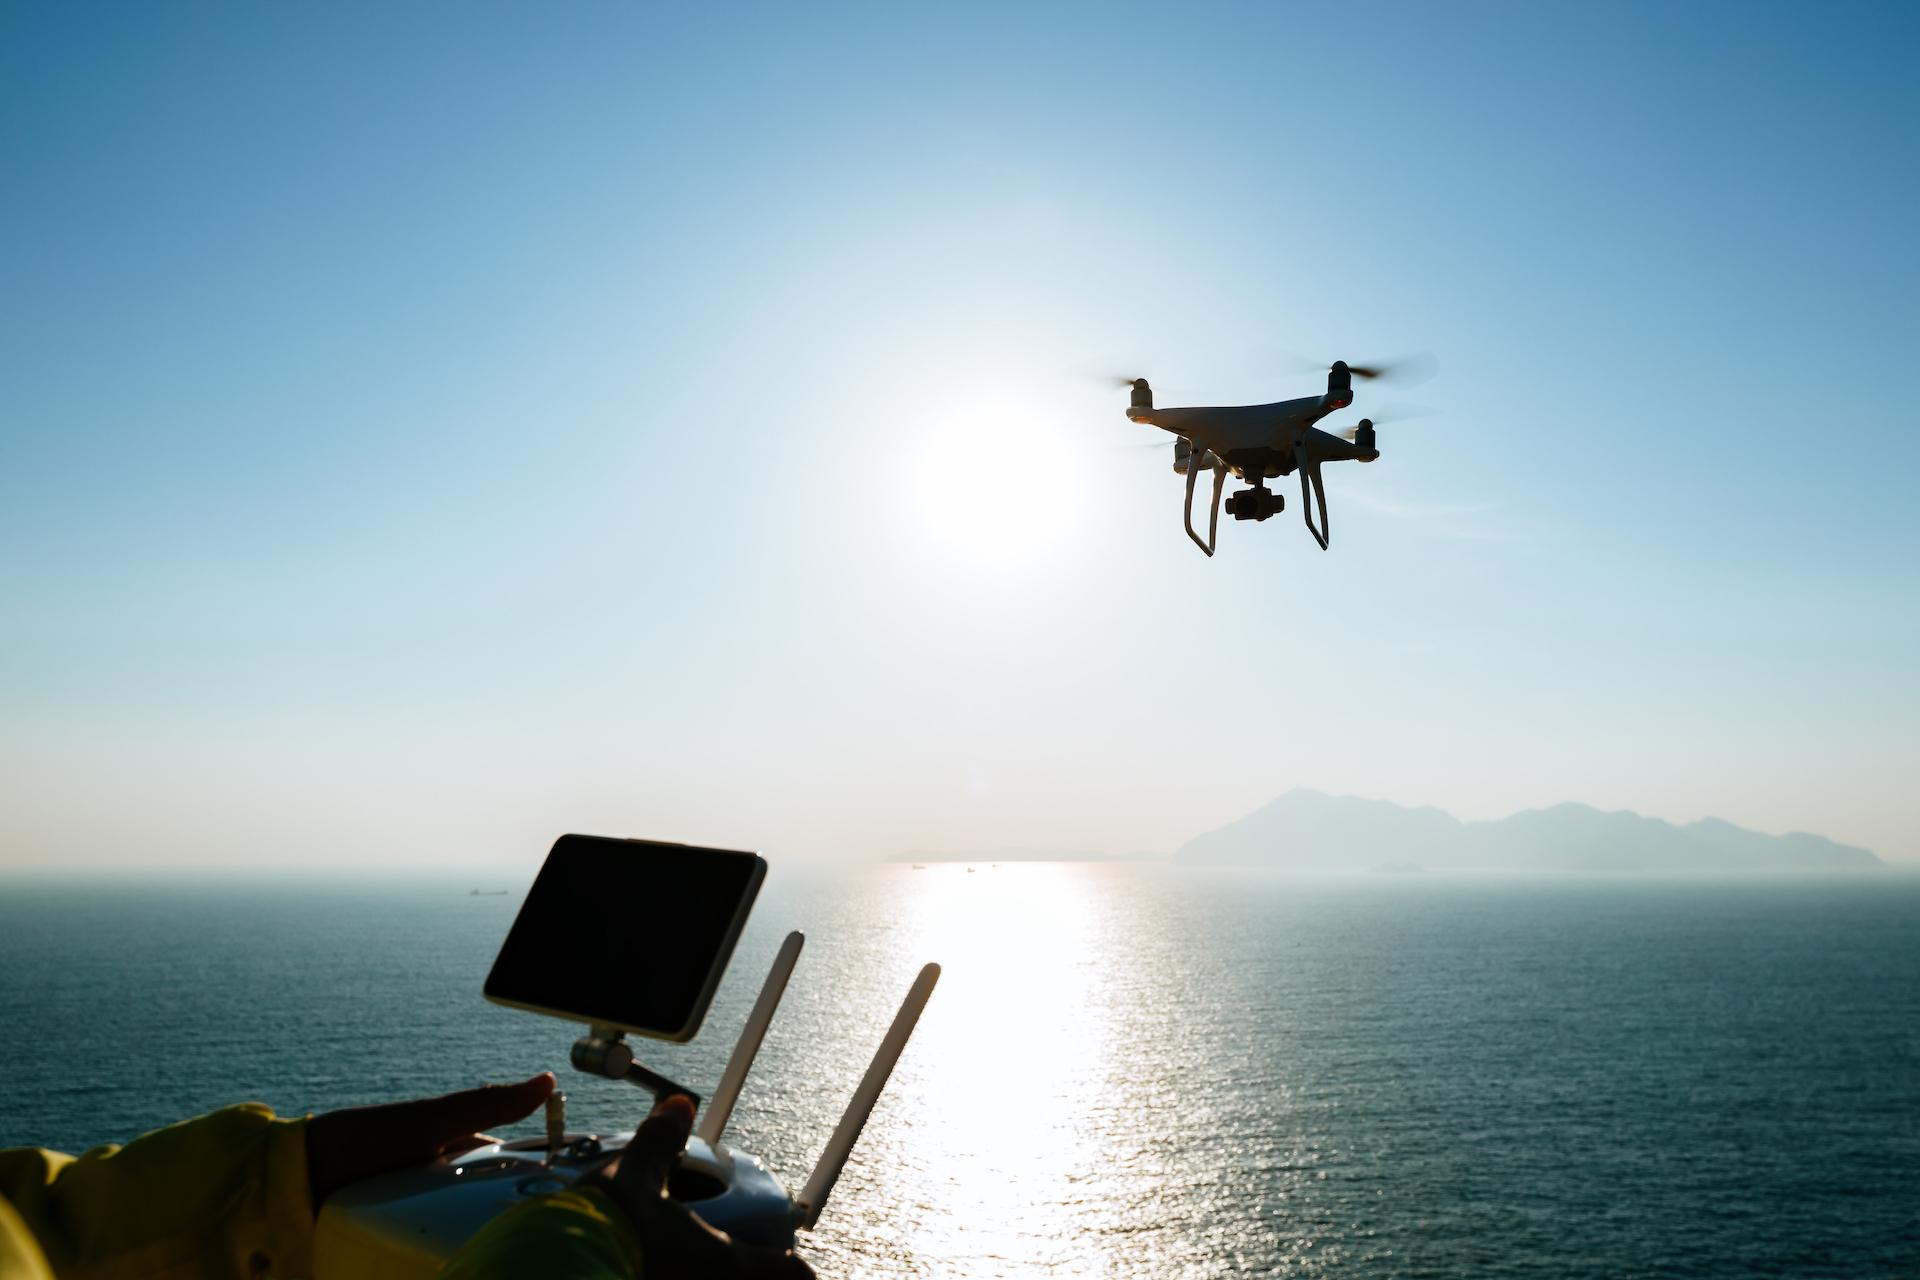 數據隱憂漣漪! 兩日企將或考慮停用中國製無人機 轉用日產機型